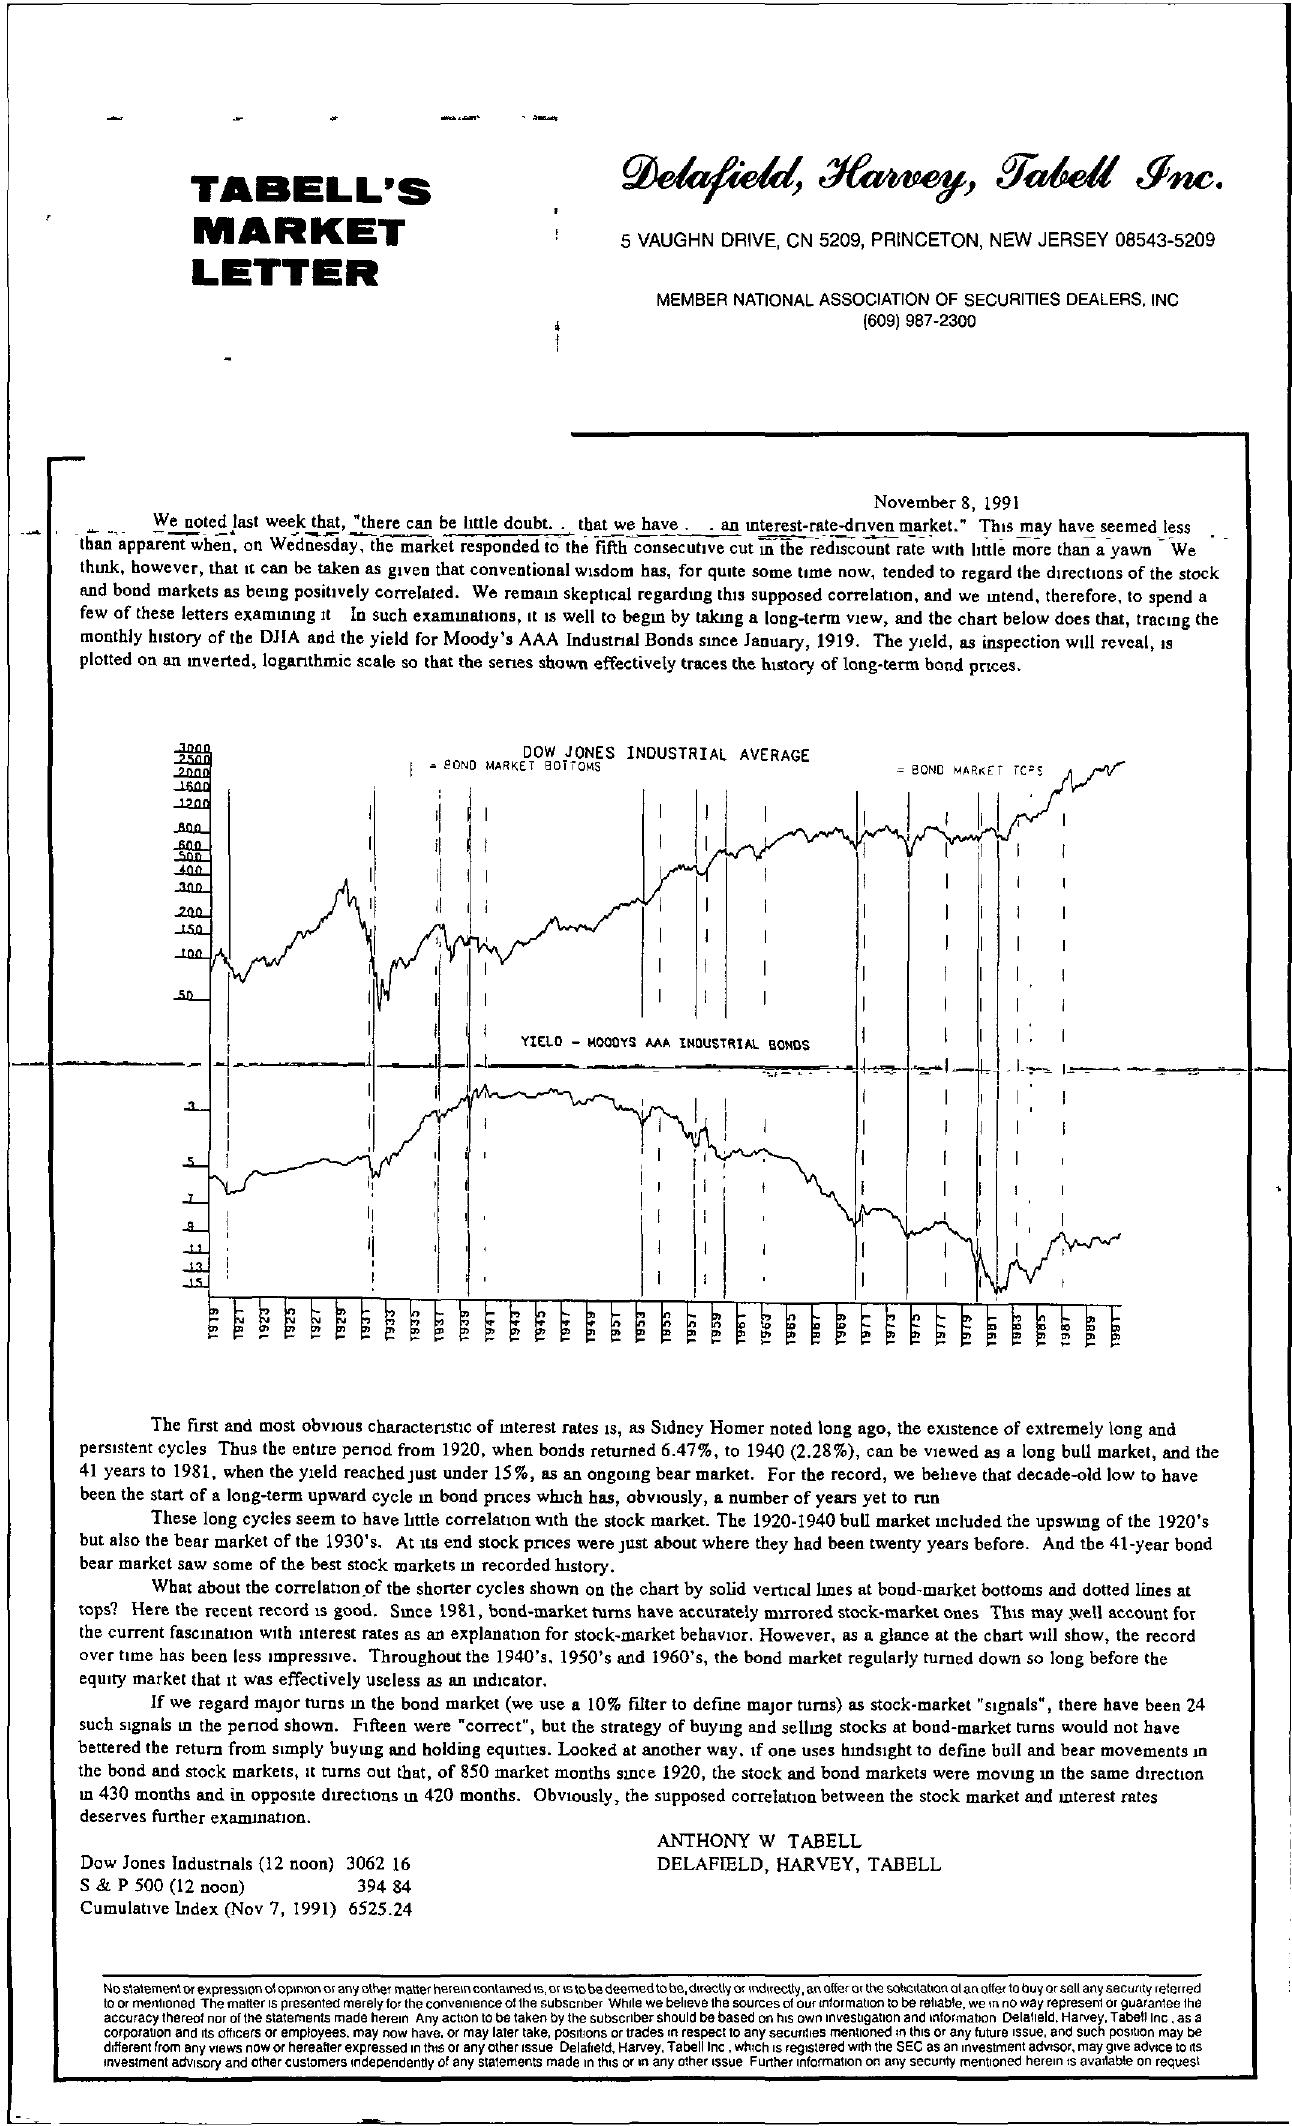 Tabell's Market Letter - November 08, 1991